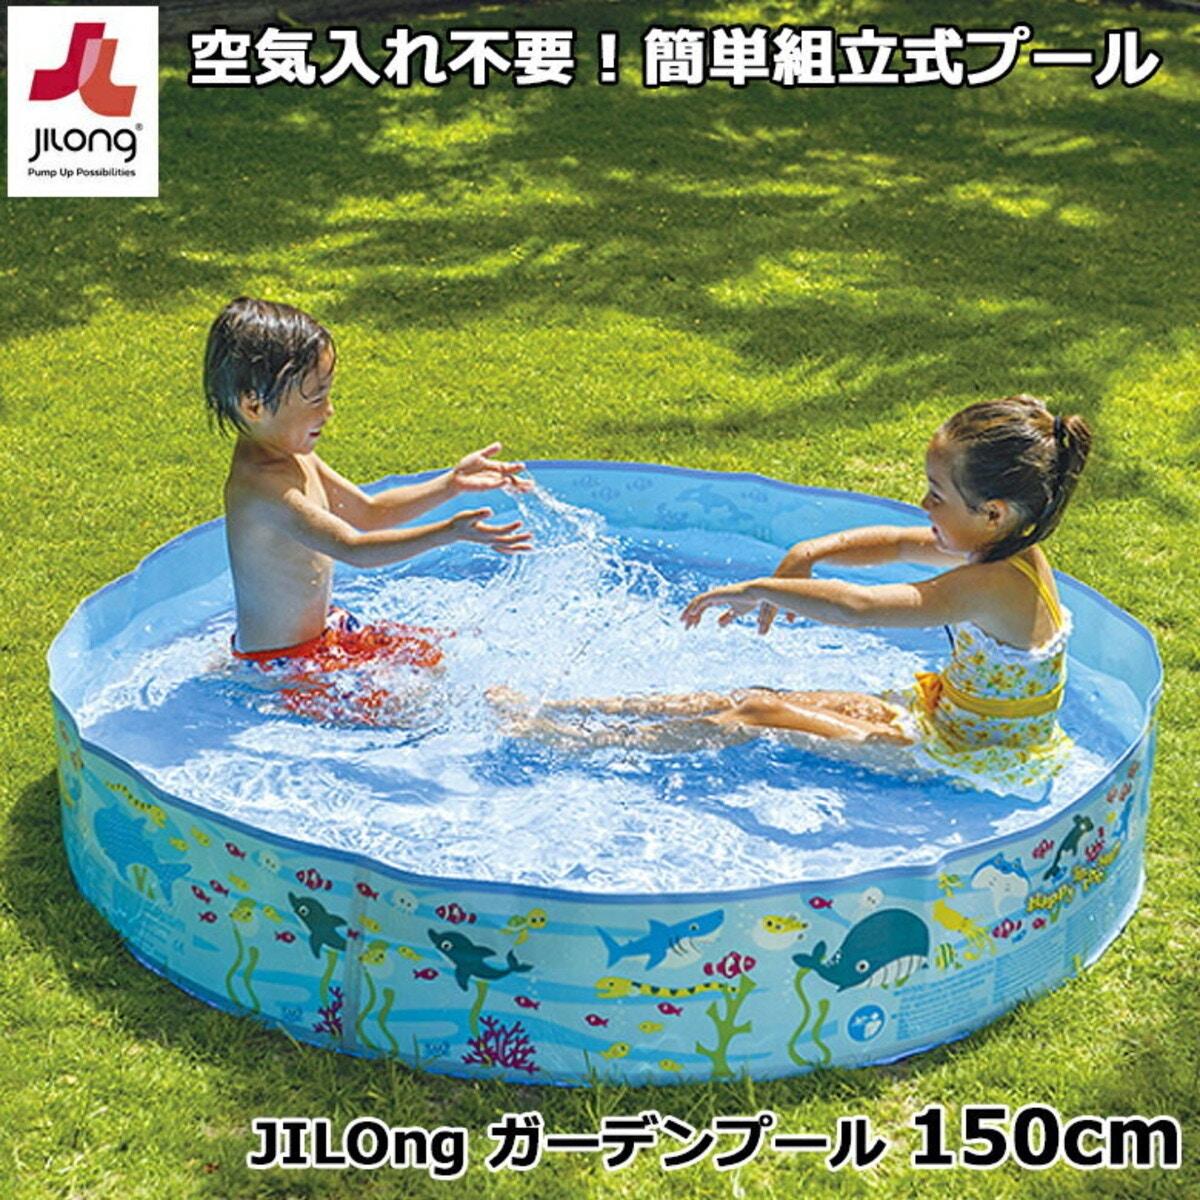 空気入れ不要 家庭用ガーデンプール